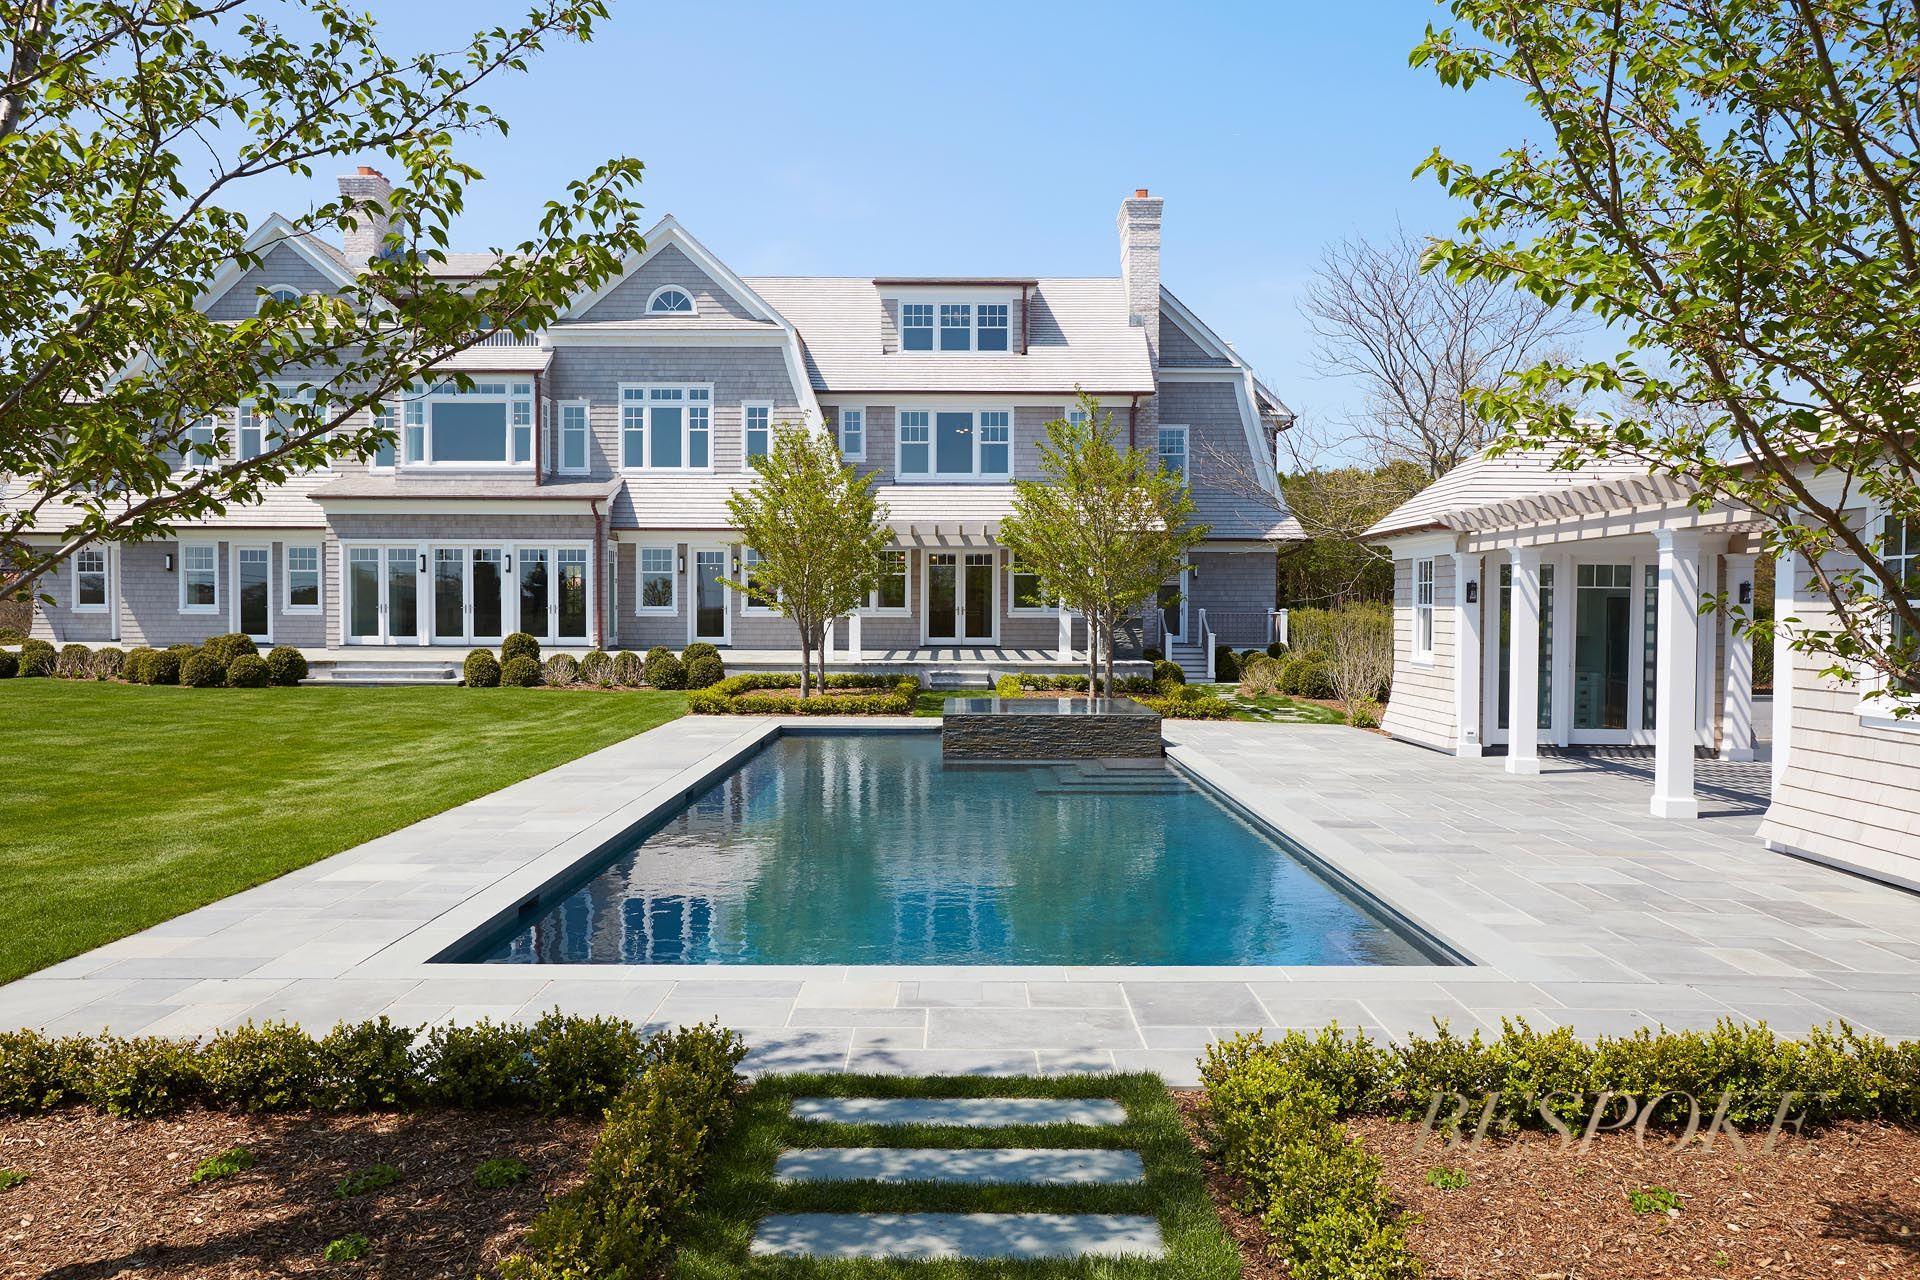 Old Town Road Southampton Ny Hamptons Real Estate Hamptons House Pool House The Hamptons